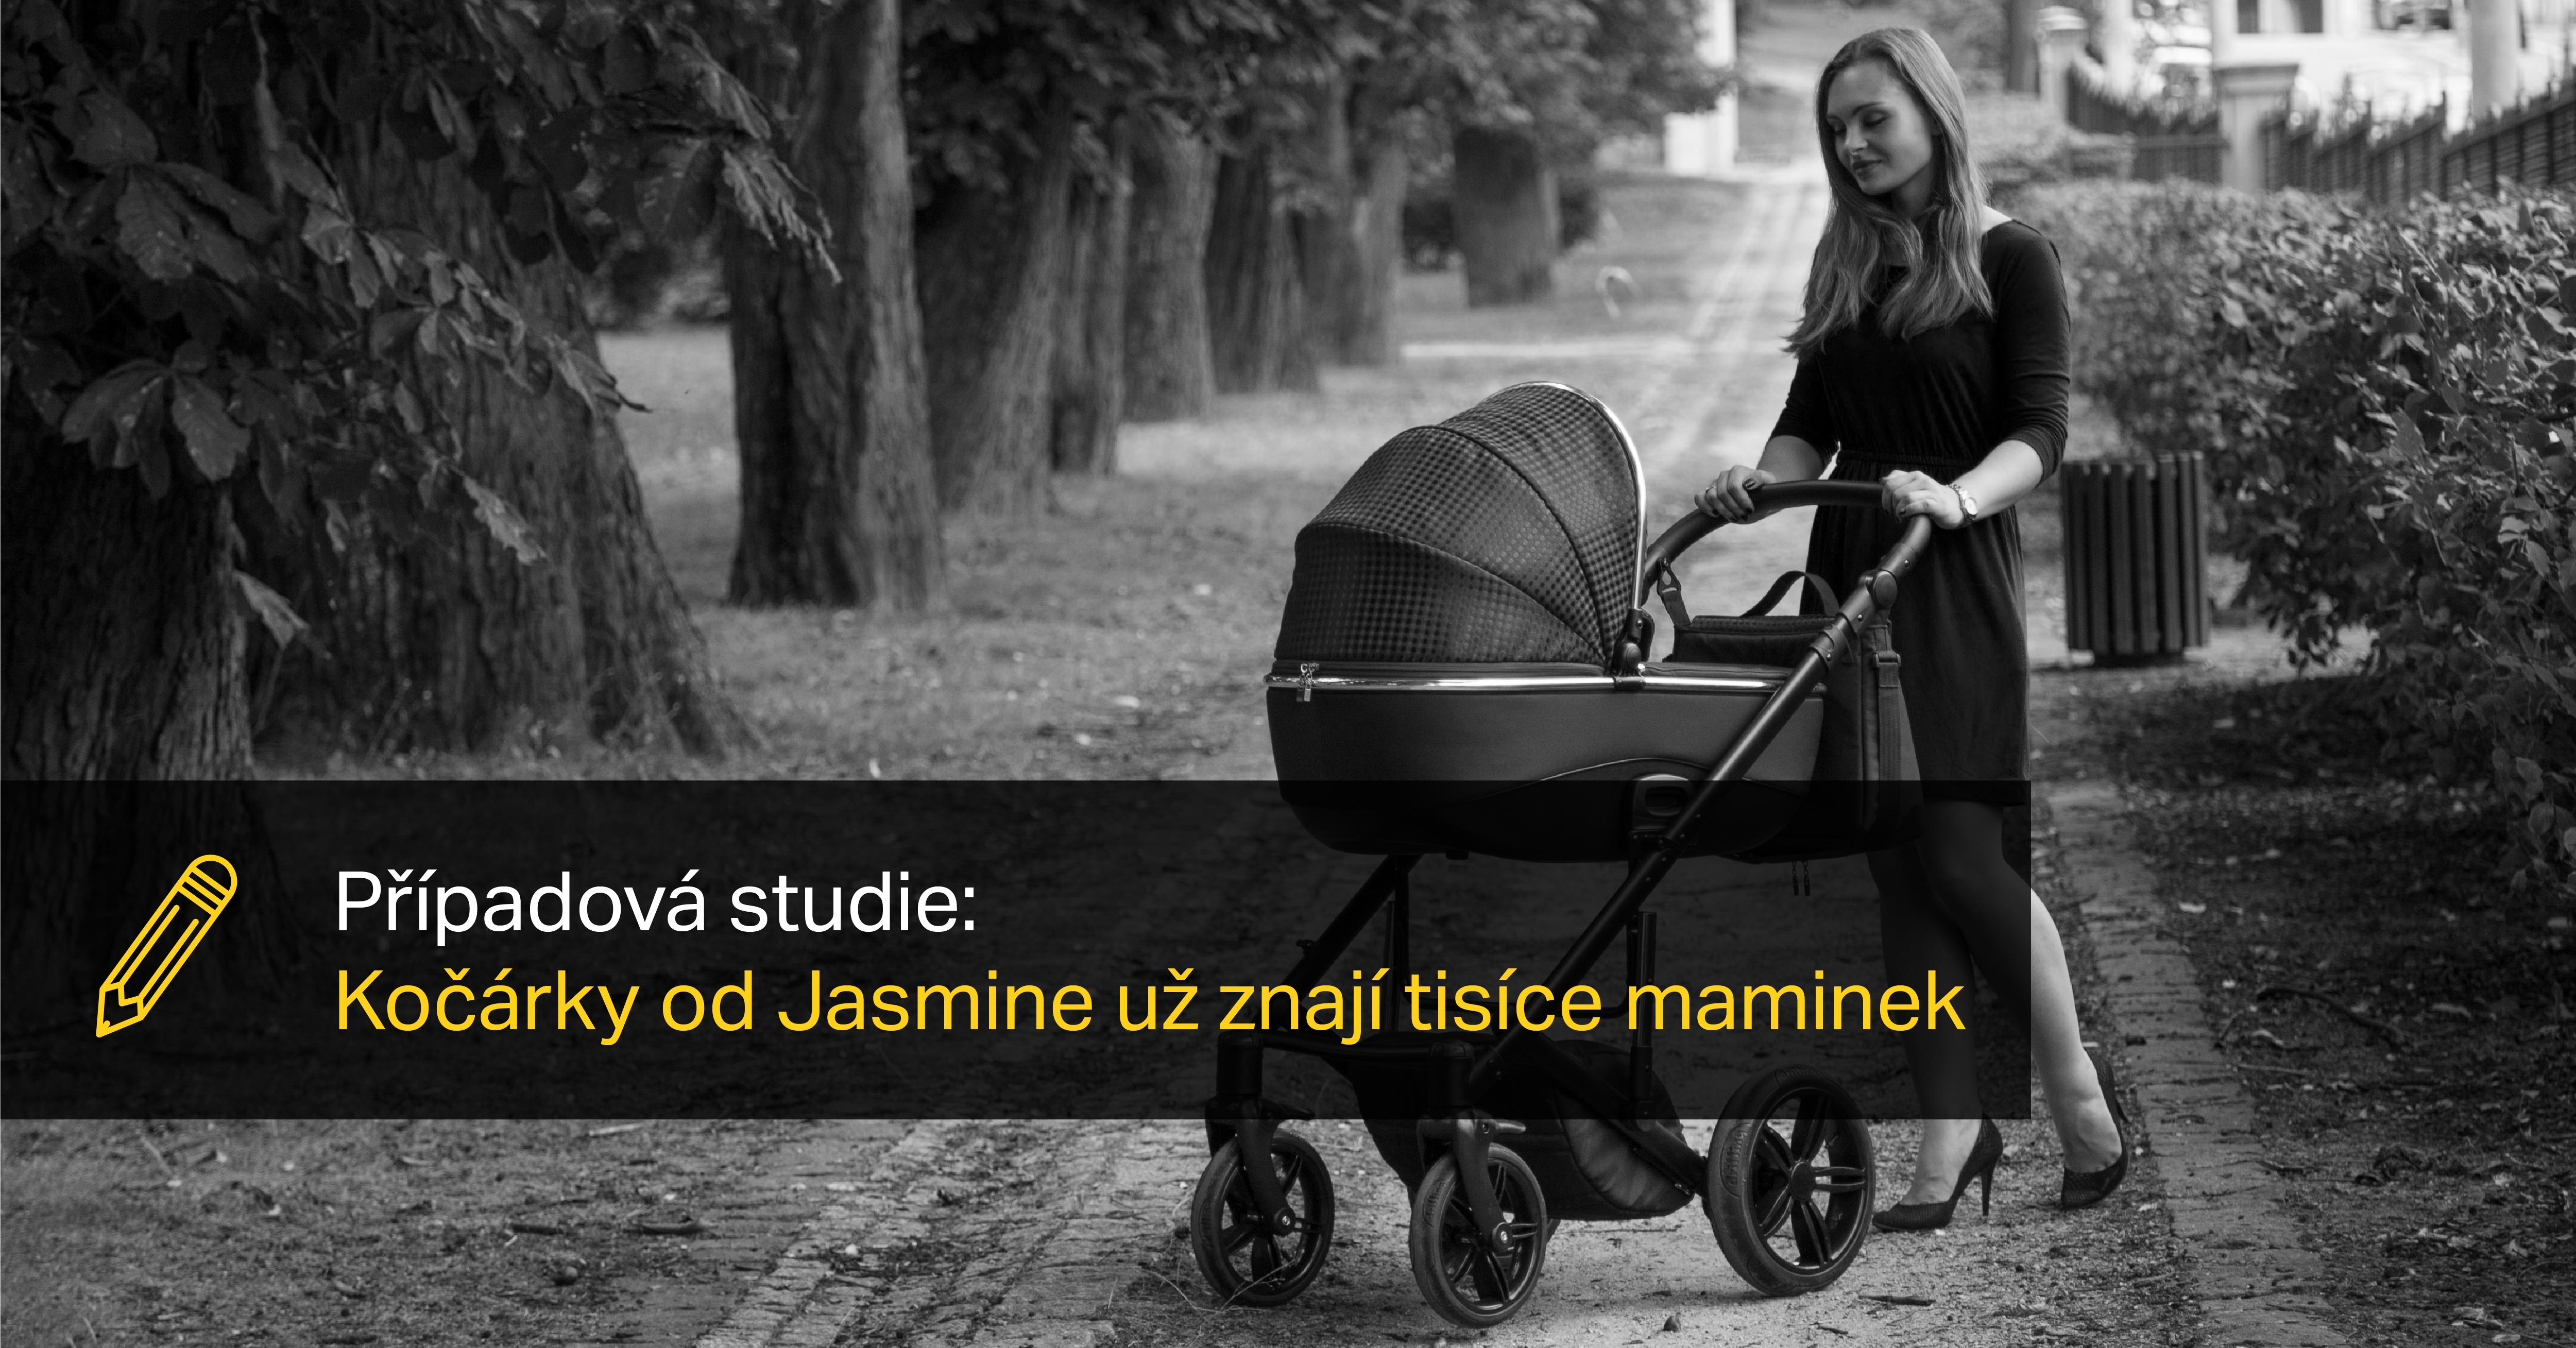 Případová Studie: Kočárky Od Jasmine Už Znají Tisíce Maminek